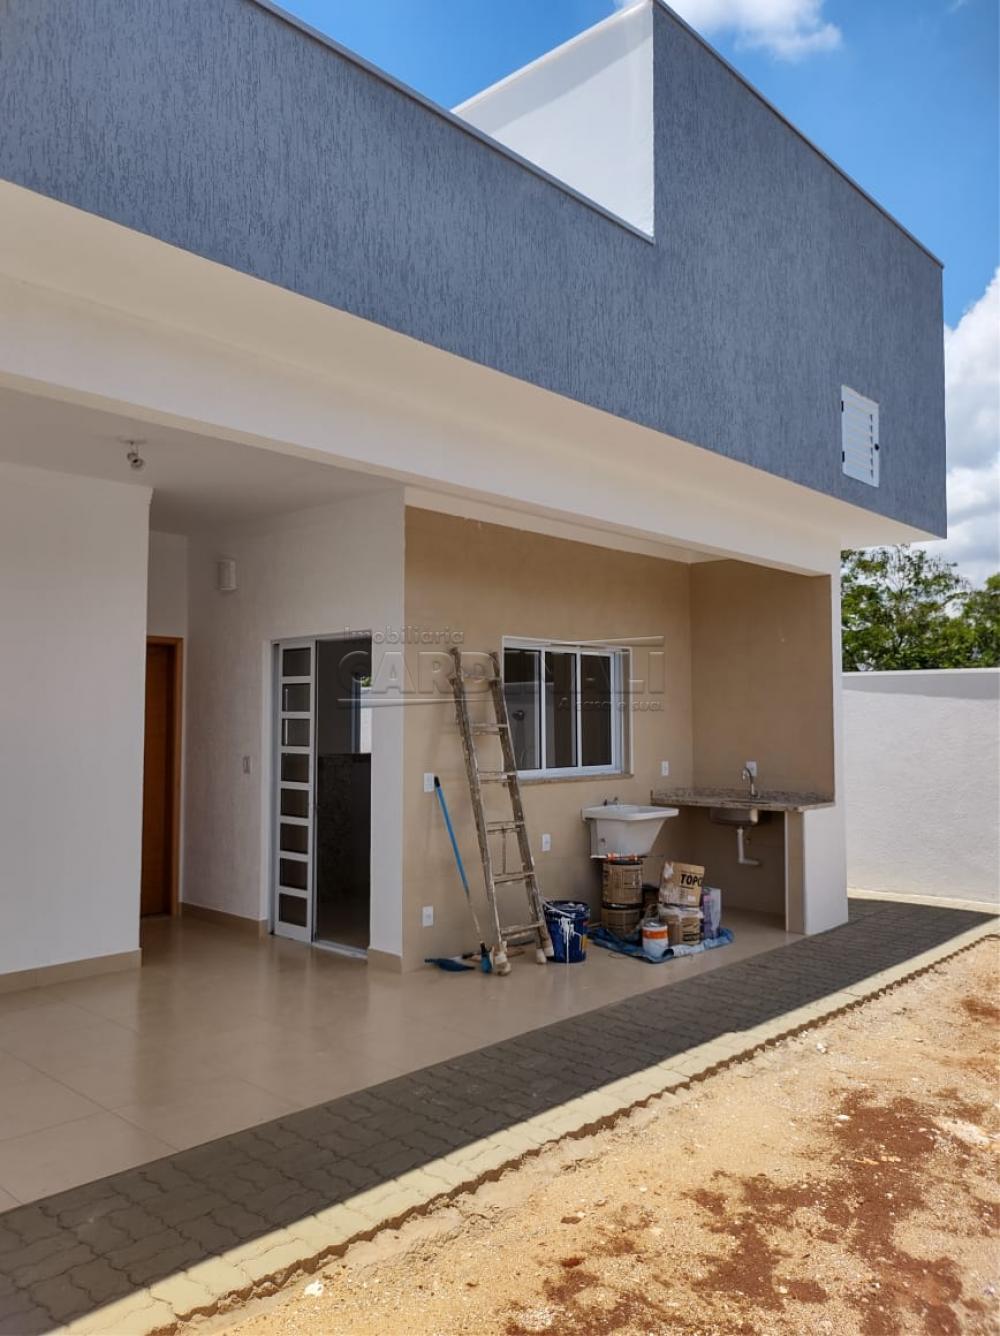 Comprar Casa / Condomínio em Araraquara R$ 480.000,00 - Foto 7